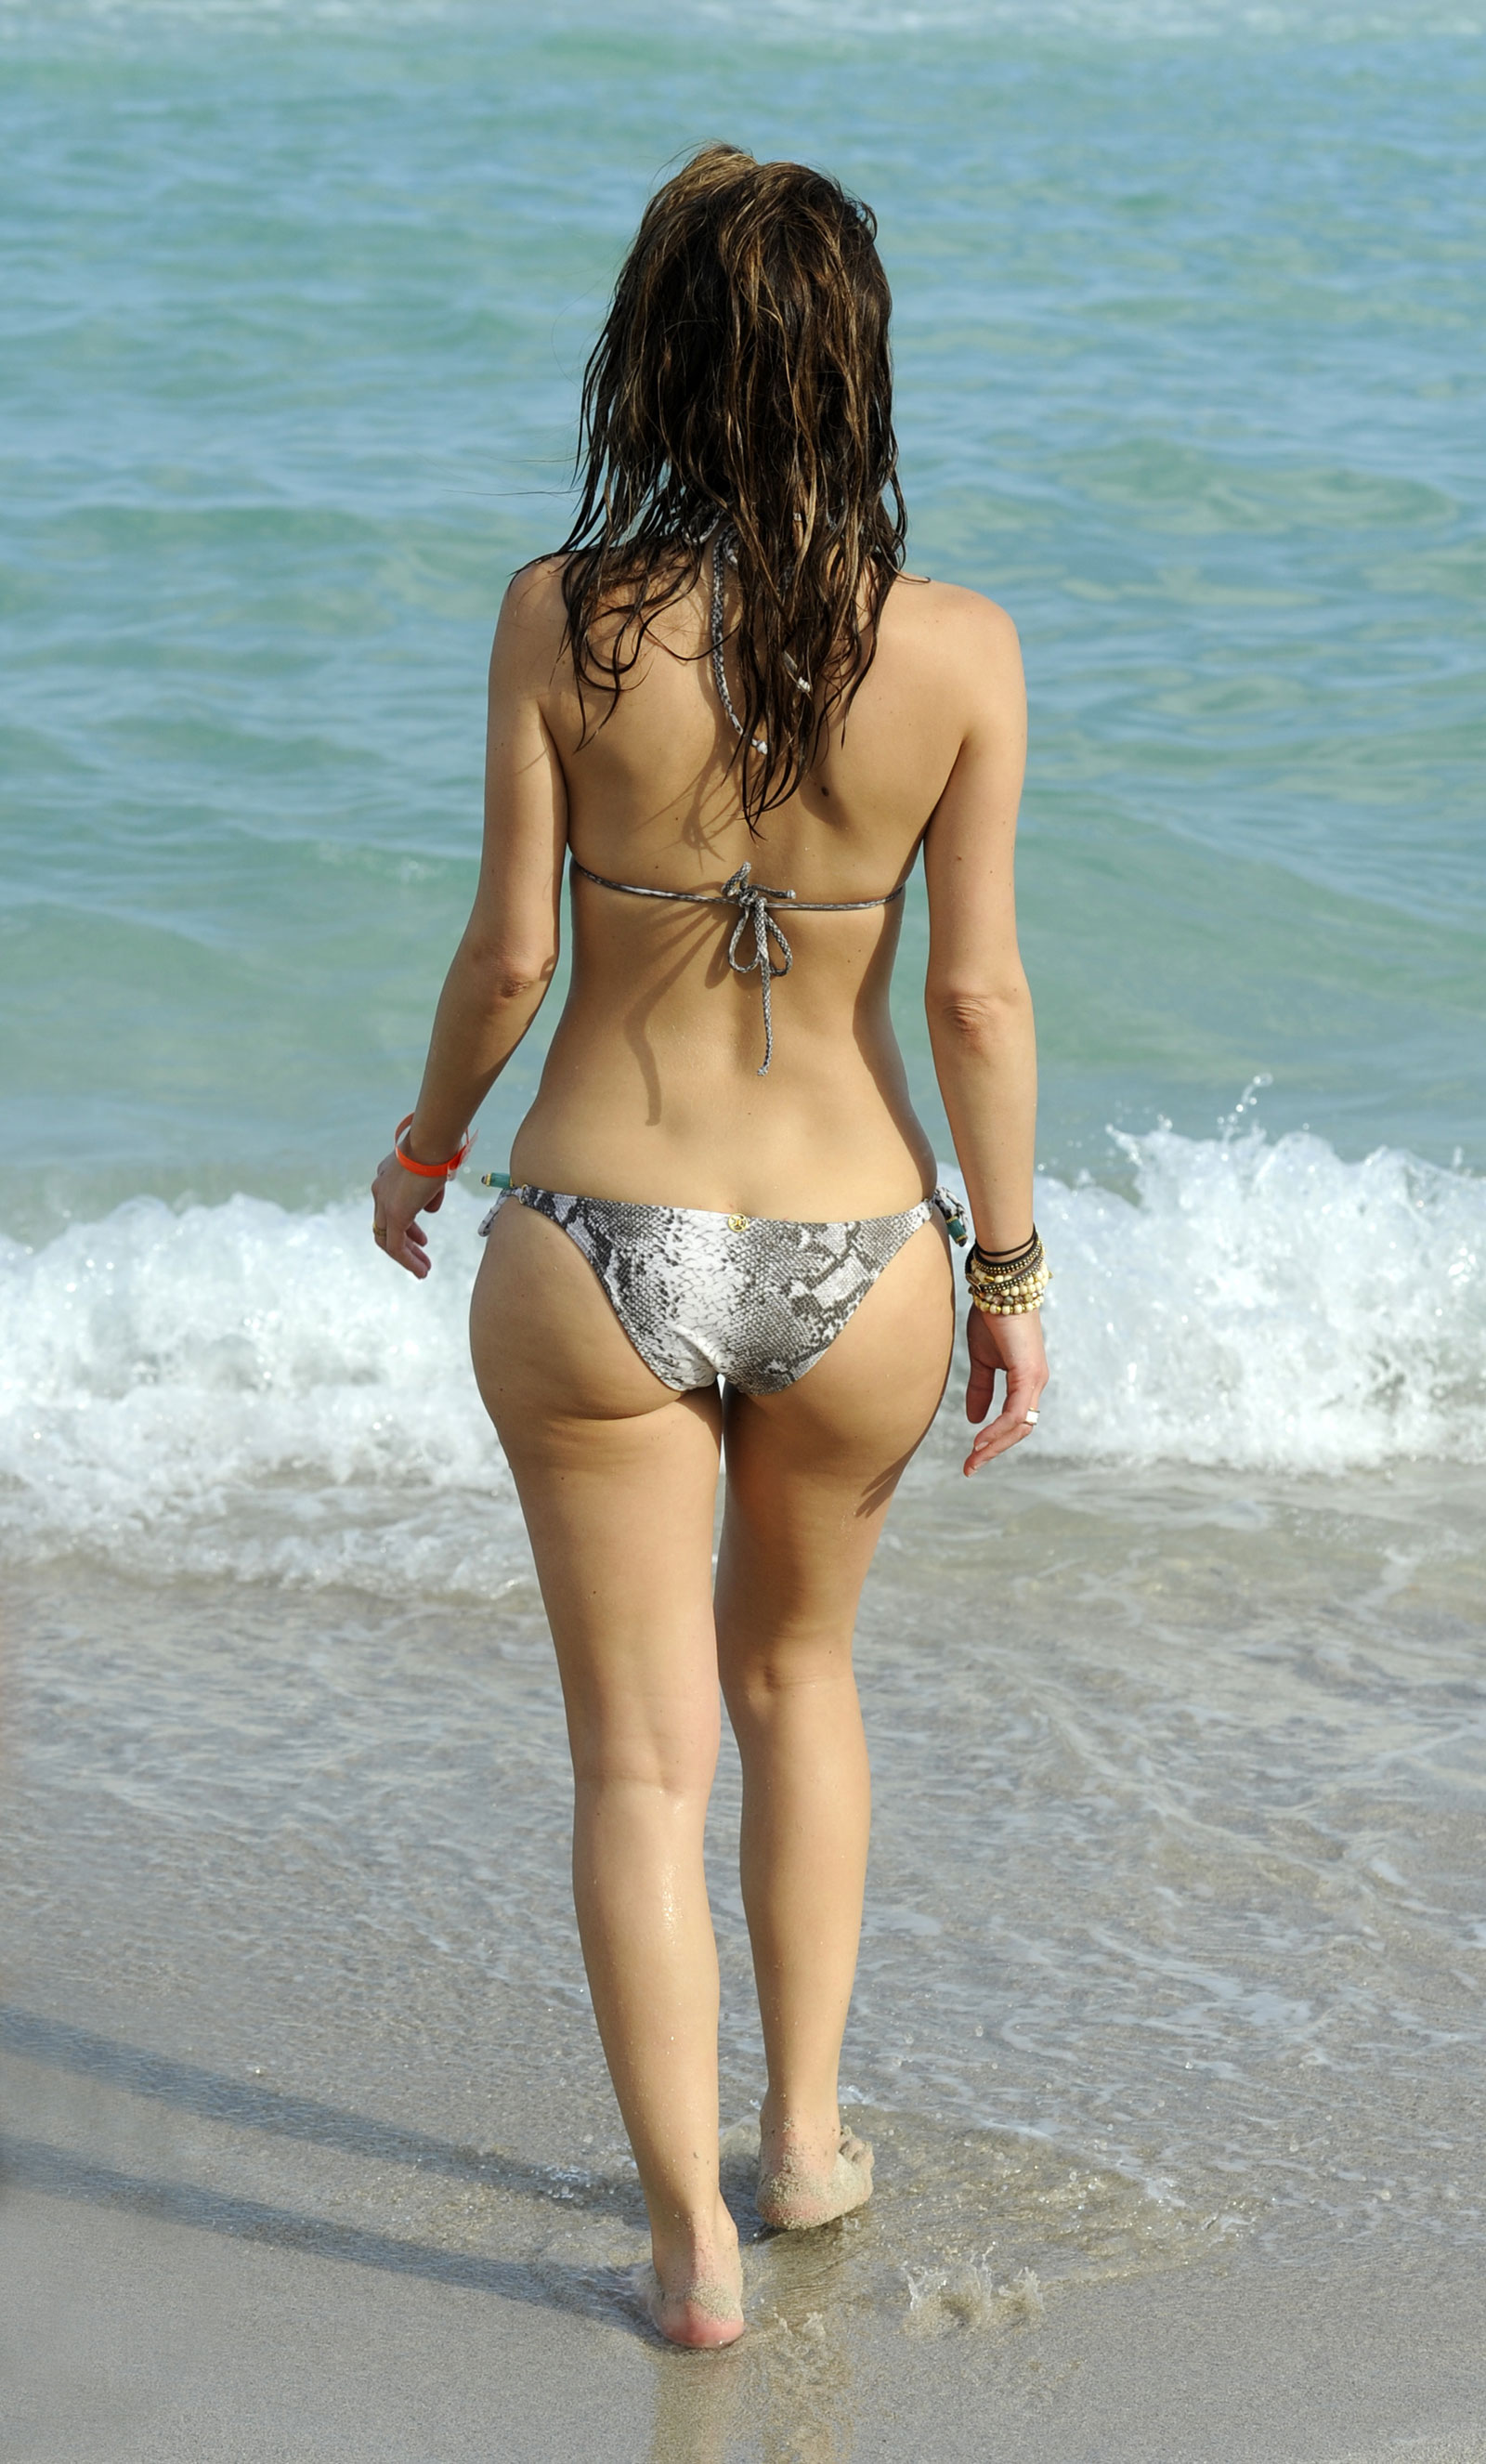 Maria menounos bikini uncensored